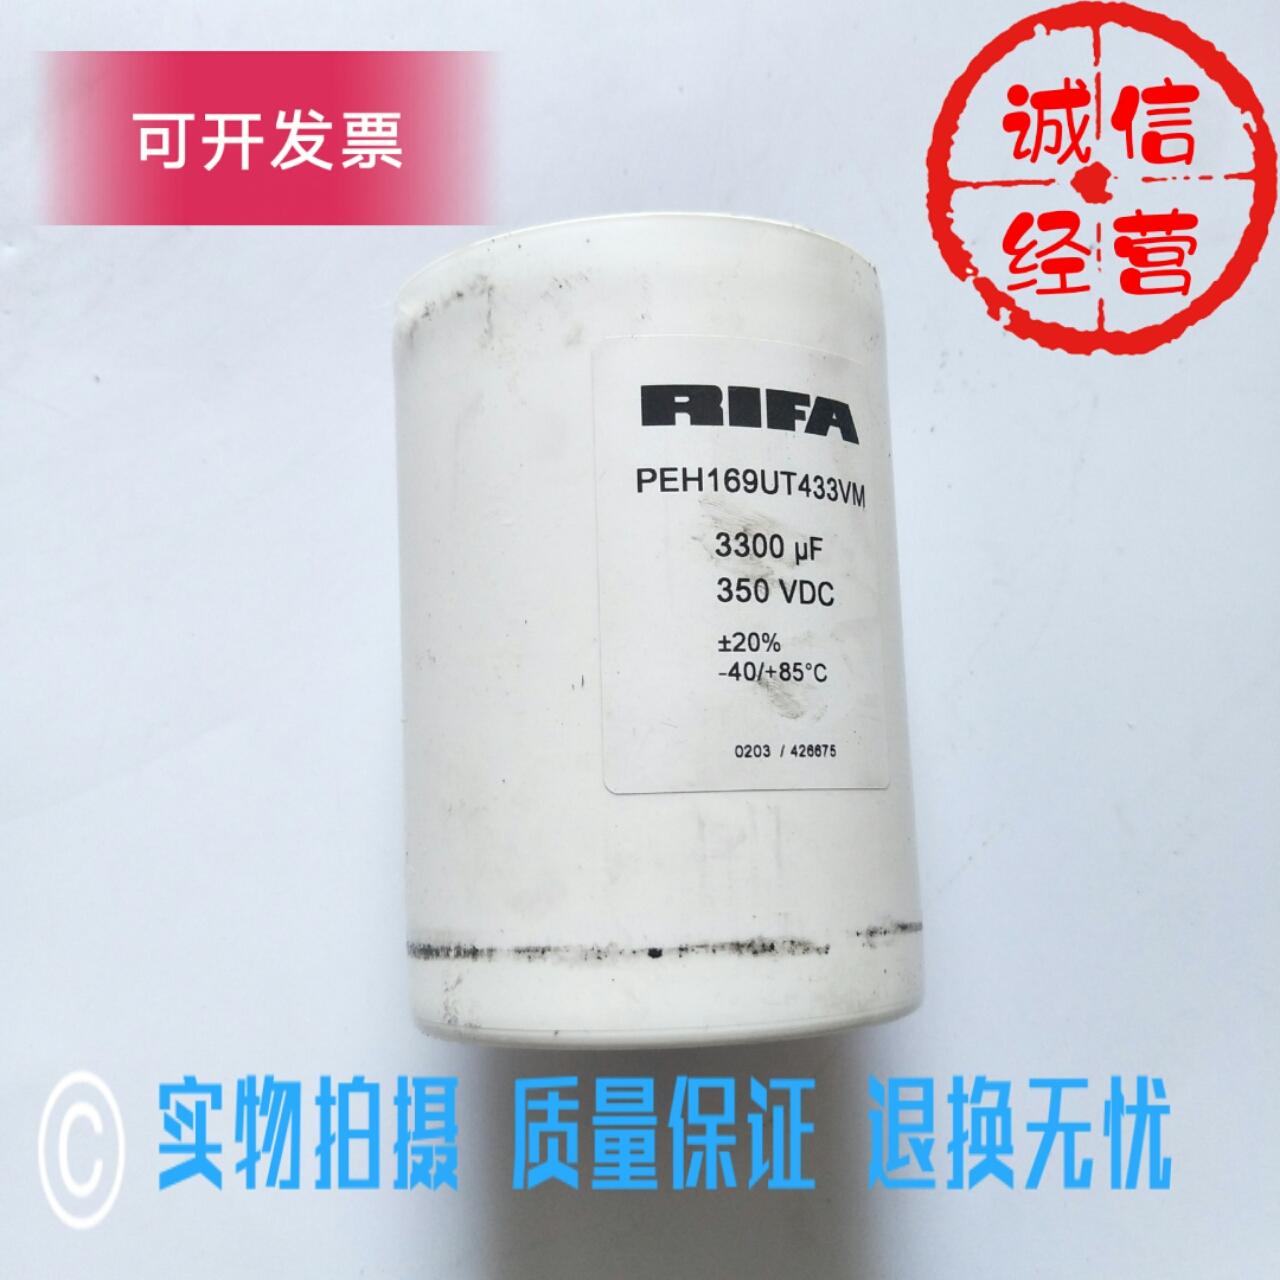 现货电梯通力电梯电容RIFAPEH169UT433VM正品原厂实物v现货配件